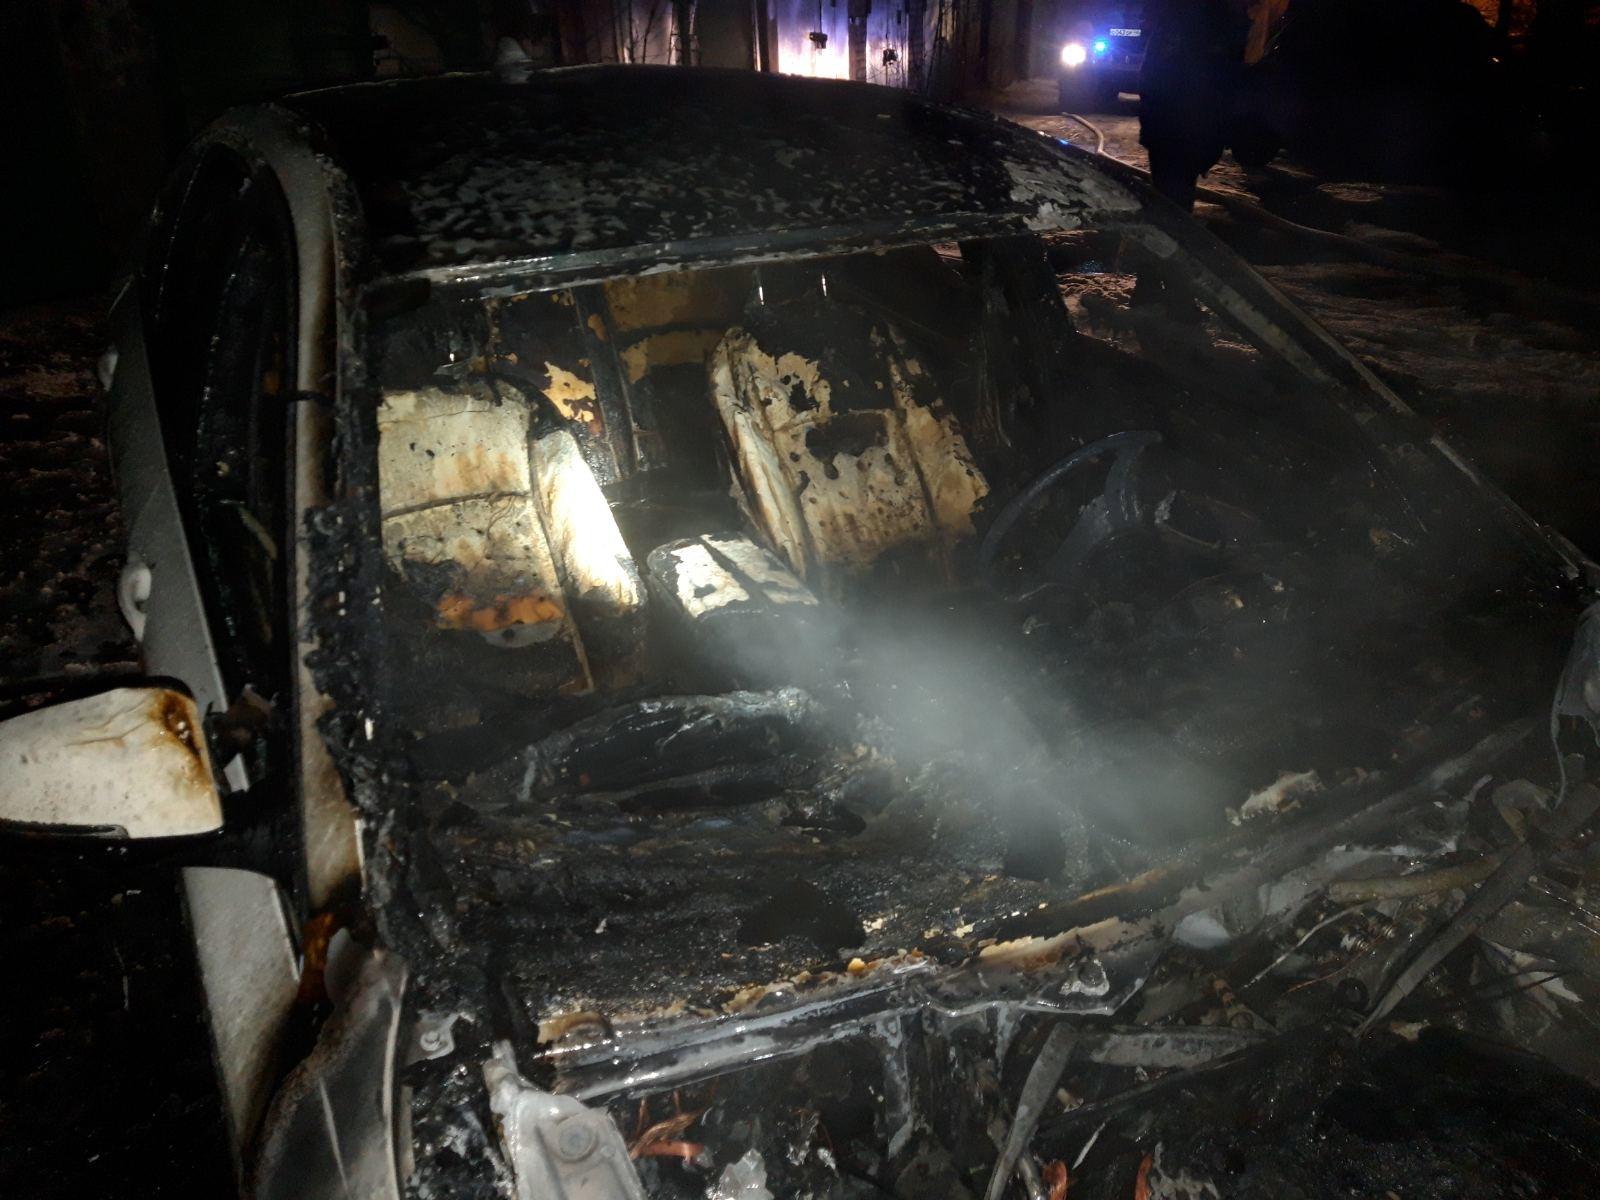 Сгоревший БМВ в Калуге на улице Веры Андриановой